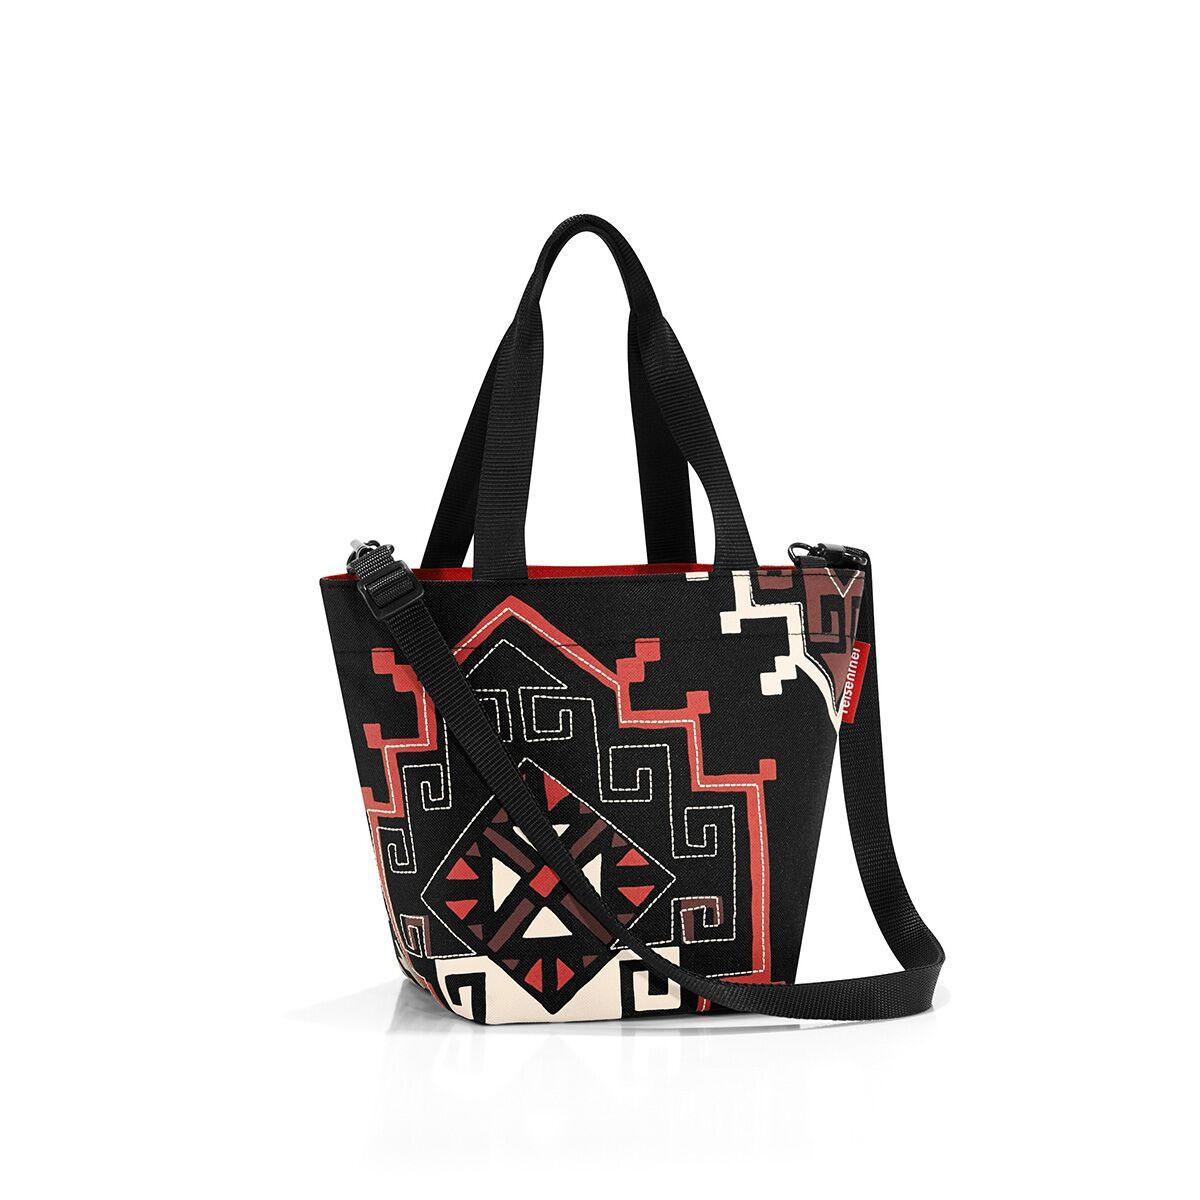 Сумка женская Reisenthel, цвет: черный, темно-красный, серо-бежевый. ZR7035ZR7035Компактная женская сумка Reisenthel, выполненная из текстиля, оформлена оригинальным принтом и вышивкой. Сумка имеет одно отделение, которое закрывается на застежку-молнию. Внутри расположен нашивной карман на застежке-молнии. Сумка оснащена двумя ручками. В комплект входит съемный регулируемый наплечный ремень.